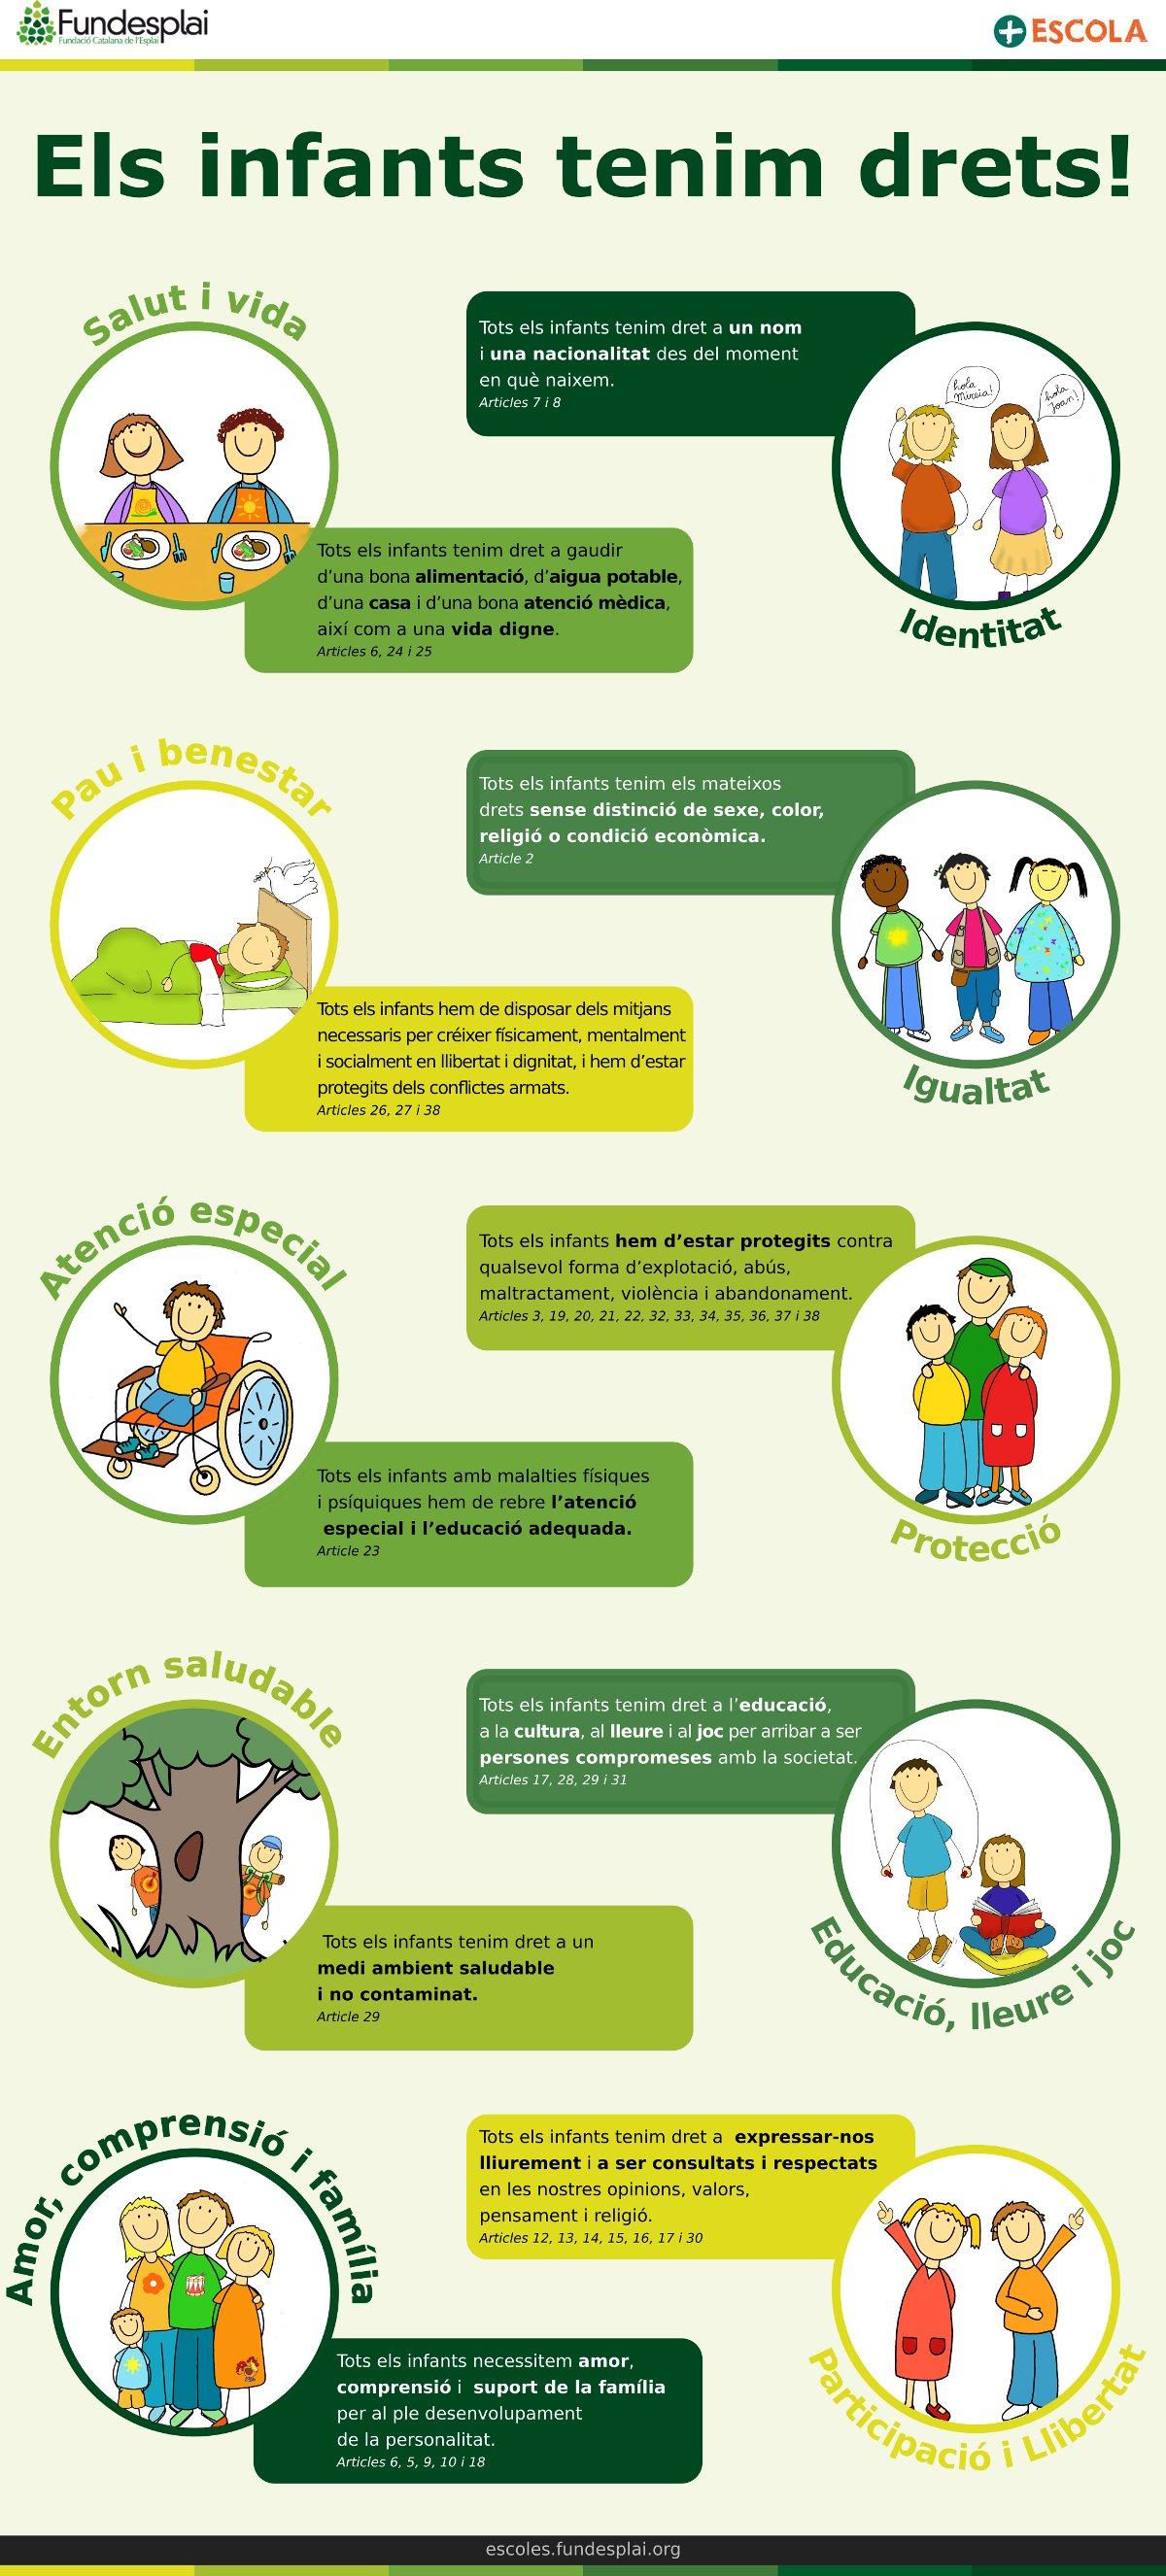 Els drets dels infants en 10 punts